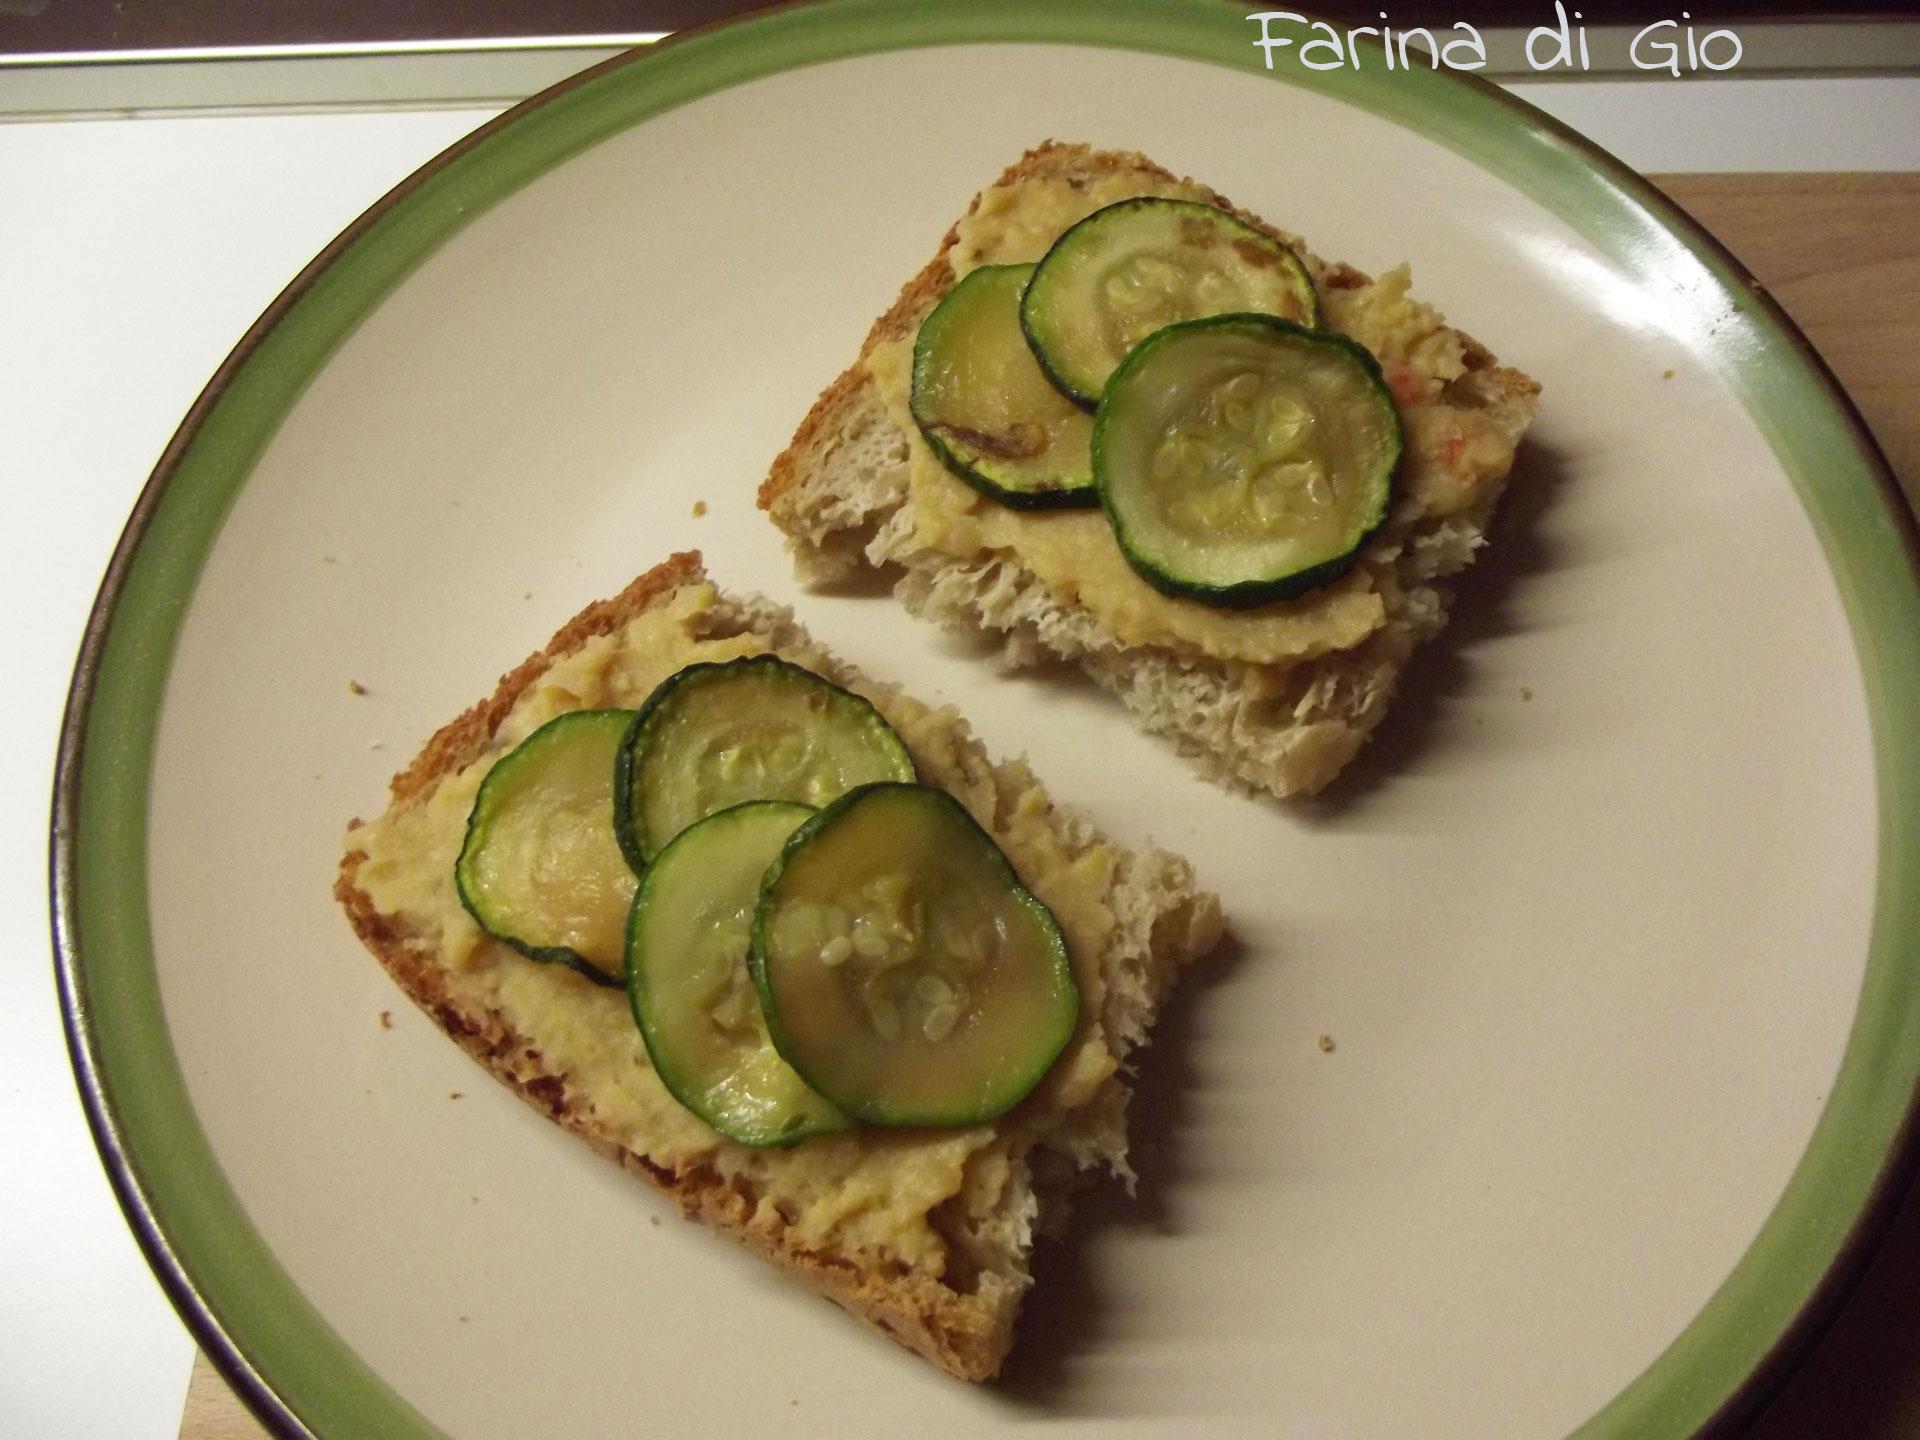 crostini ceci zucchine senza frumento